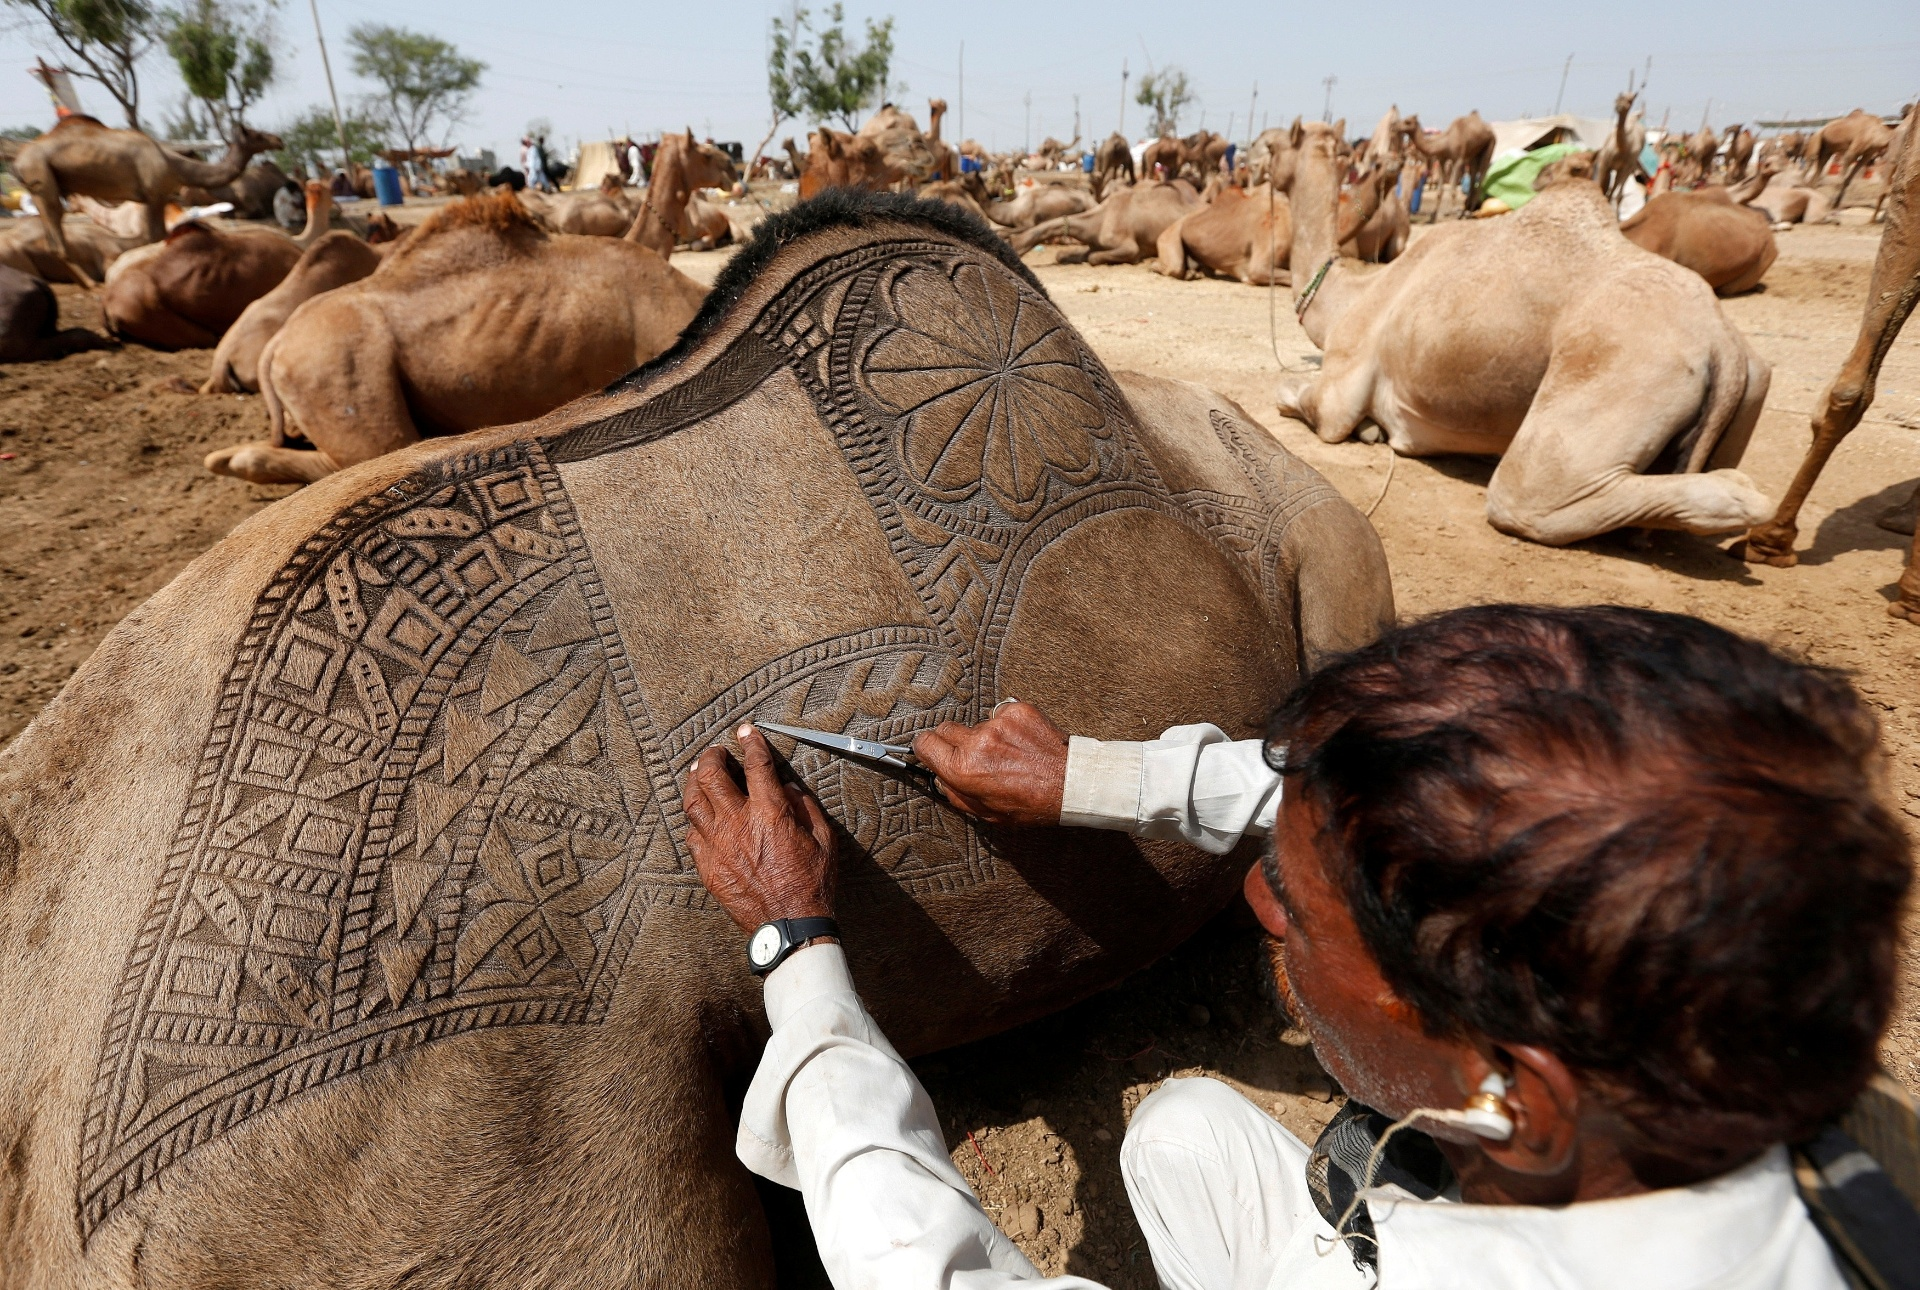 9.set.2016 - Com uma tesoura, homem corta os pelos do camelo e cria um desenho decorativo nas costas dos animais antes de exibi-lo no mercado improvisado em frente ao festival Eid al-Adha, em Karachi, no Paquistão. O evento também é conhecido como Festa do Sacrifício e é feito em homenagem ao profeta Abraão